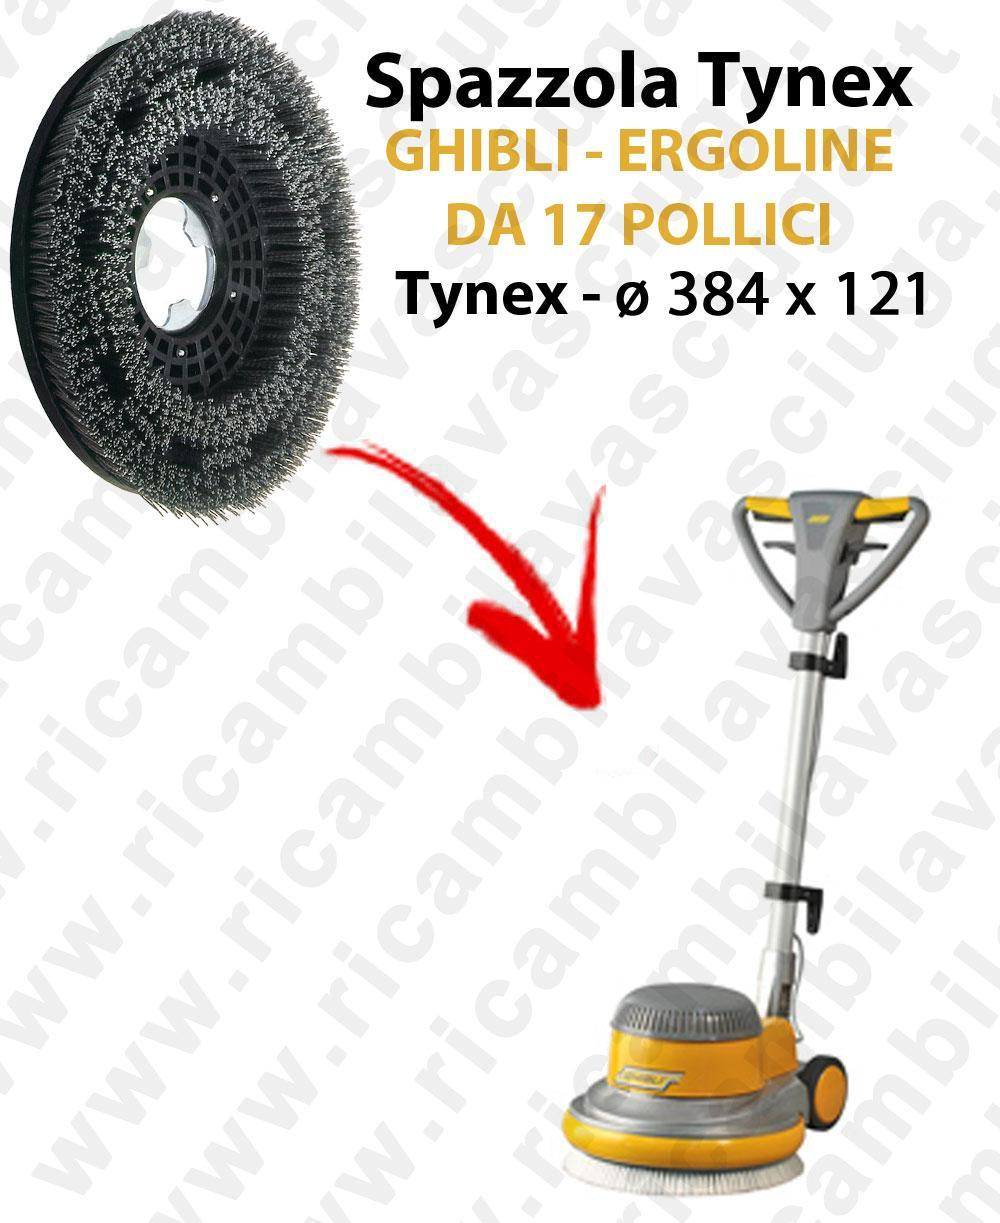 Bürsten in TYNEX ø384 X 121 von 17 zoll für scheuersaugmaschinen GHIBLI ERGOLINE